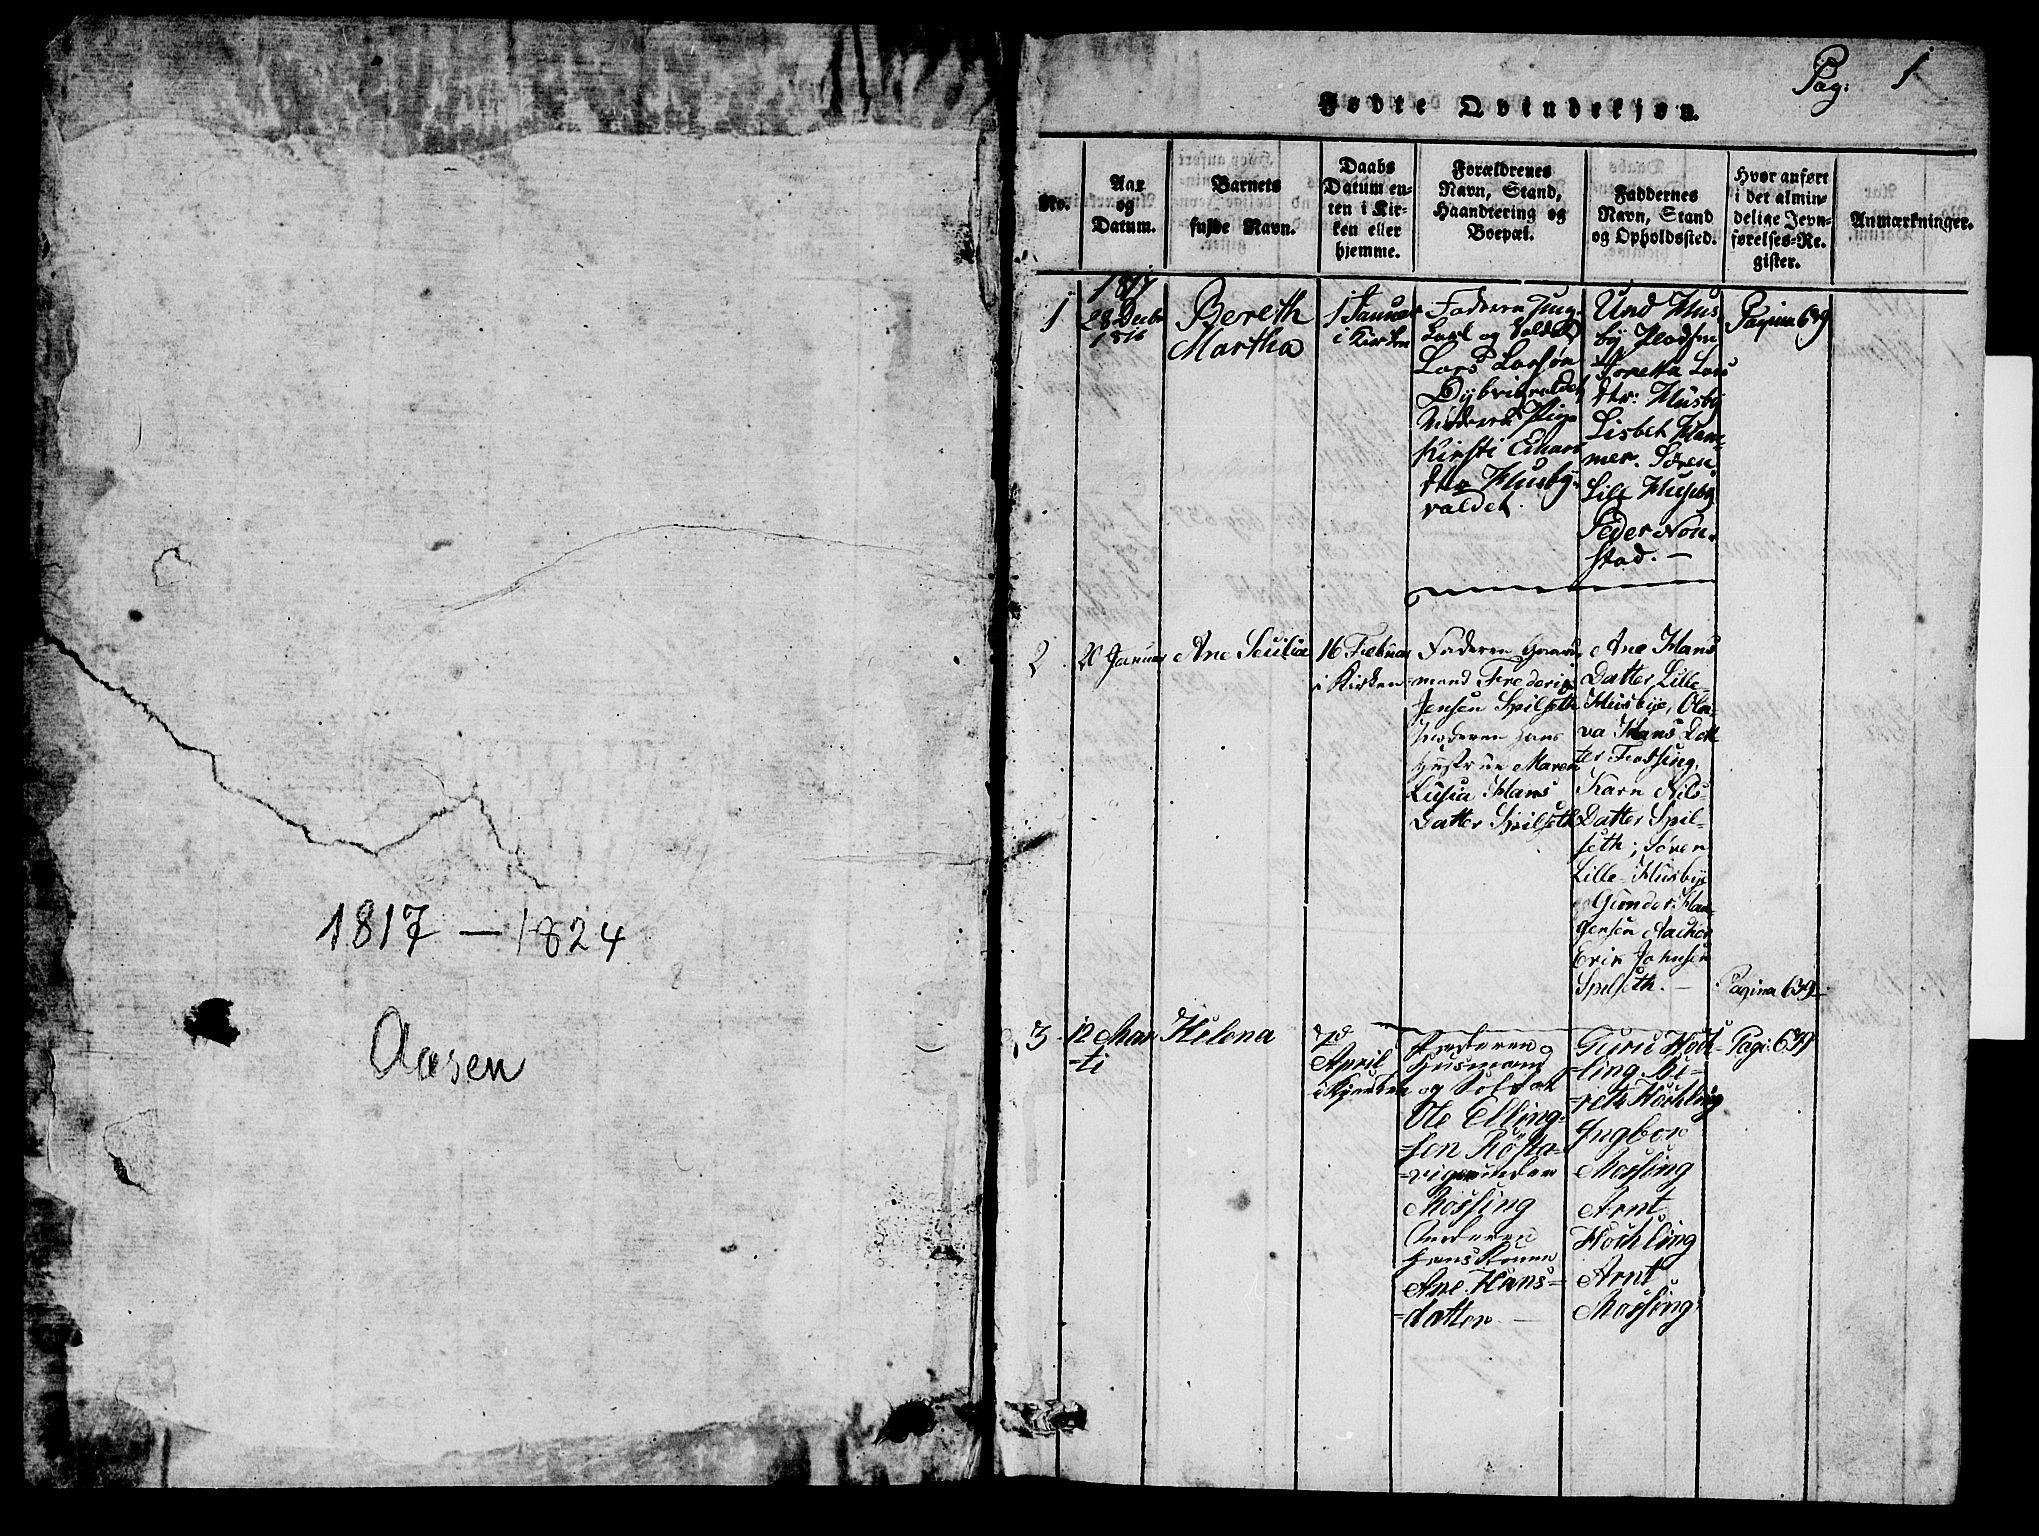 SAT, Ministerialprotokoller, klokkerbøker og fødselsregistre - Nord-Trøndelag, 714/L0132: Klokkerbok nr. 714C01, 1817-1824, s. 0-1